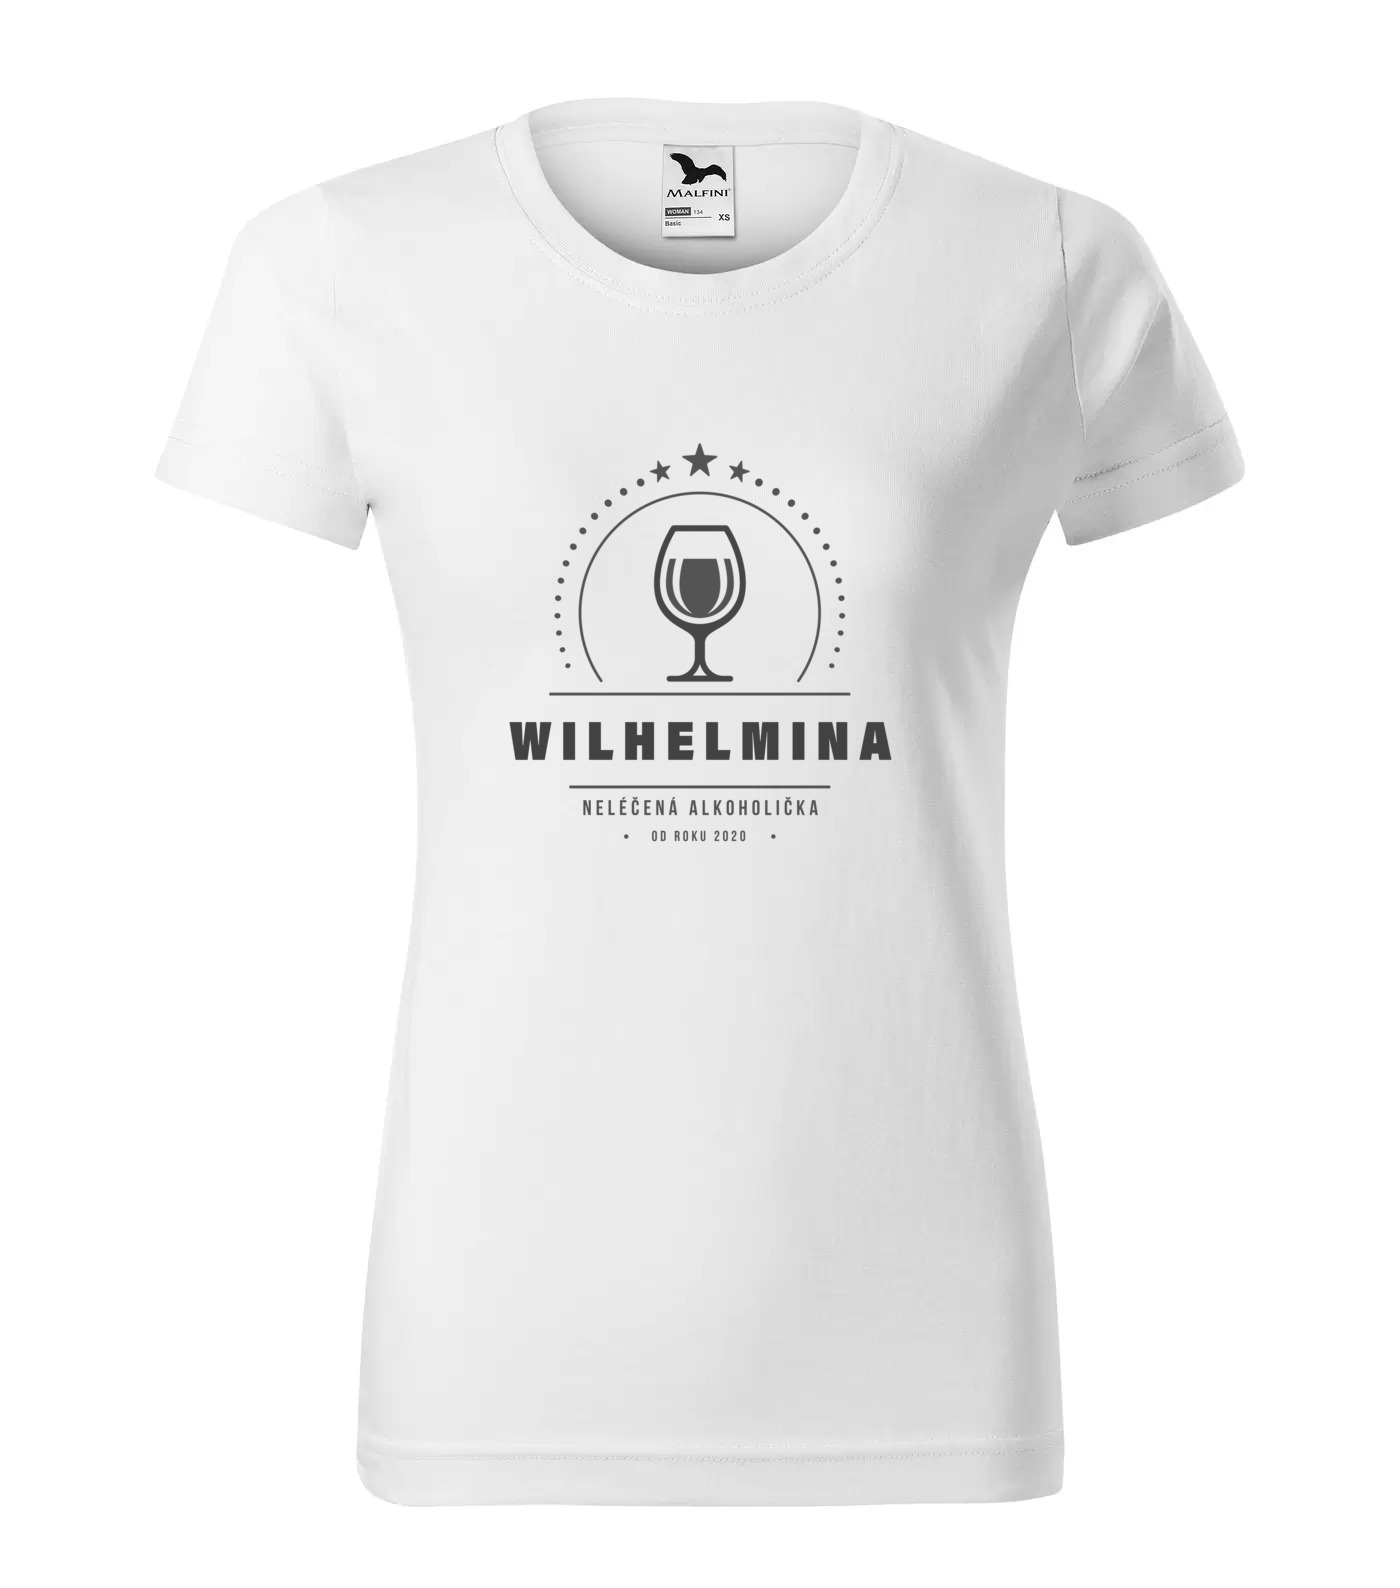 Tričko Alkoholička Wilhelmina